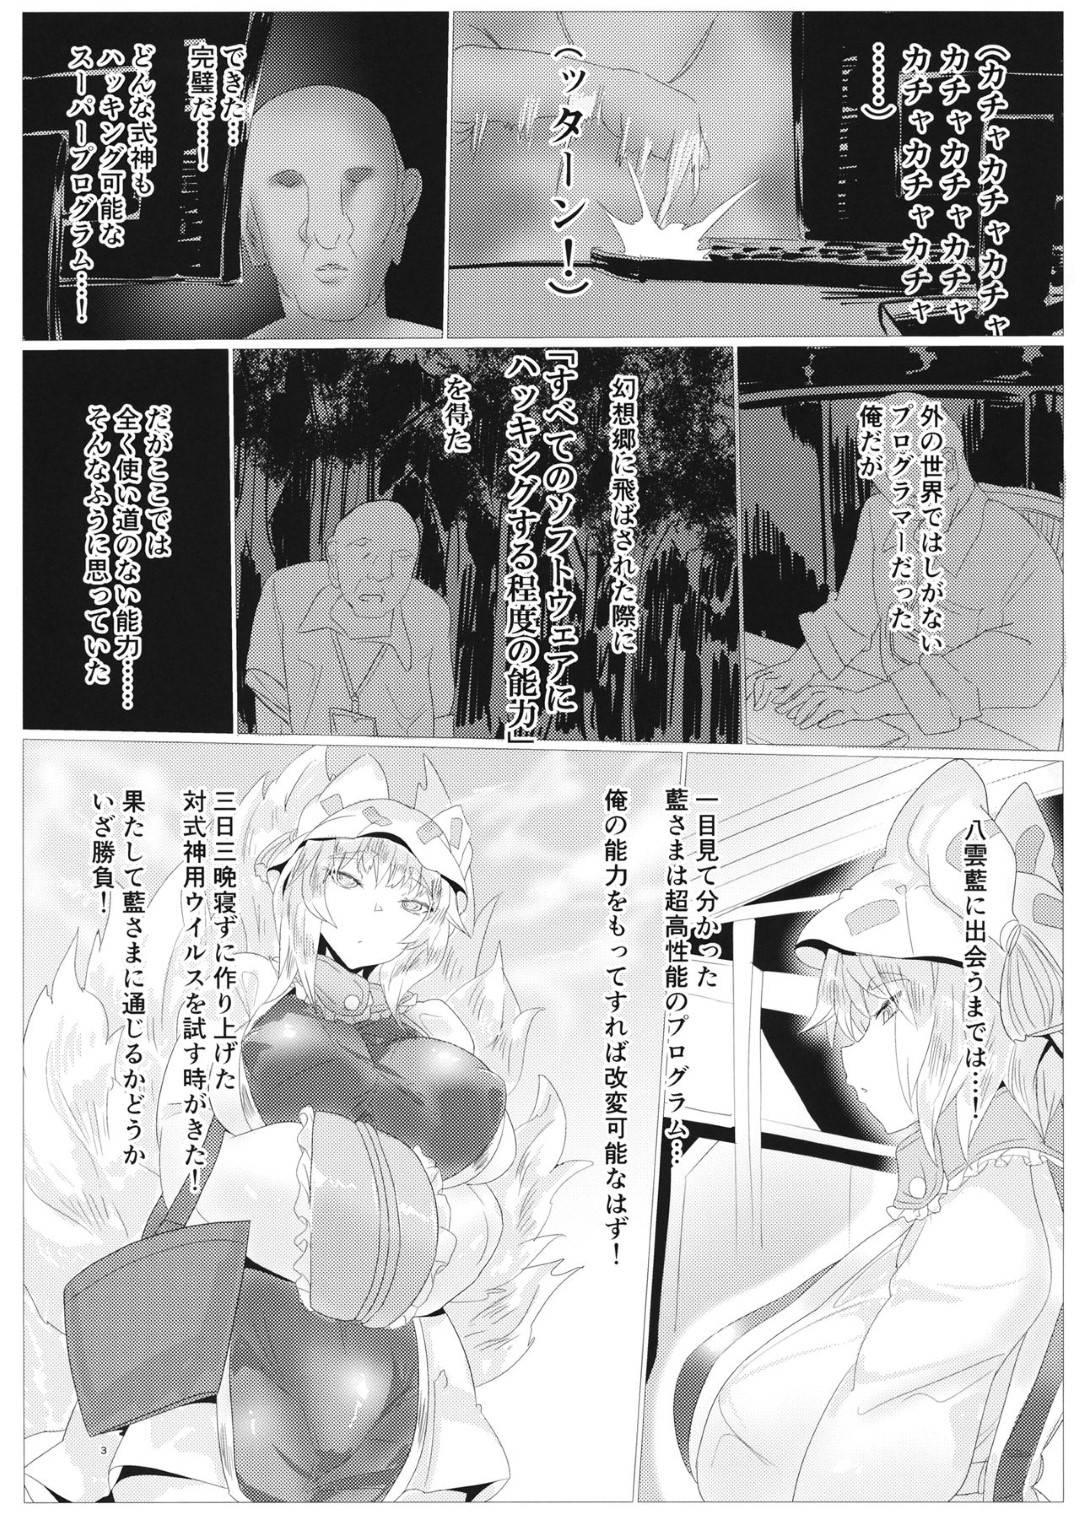 【東方エロ漫画】幻想郷の世界に入ることに成功したスーパーハッカーのキモオタ。藍と出会った彼は彼女の脳をハッキングし、フェラやパイズリをさせる!更に途中でハッキングを解除したり、感度上げたりとやりたい放題!【鯛かまぼこ】